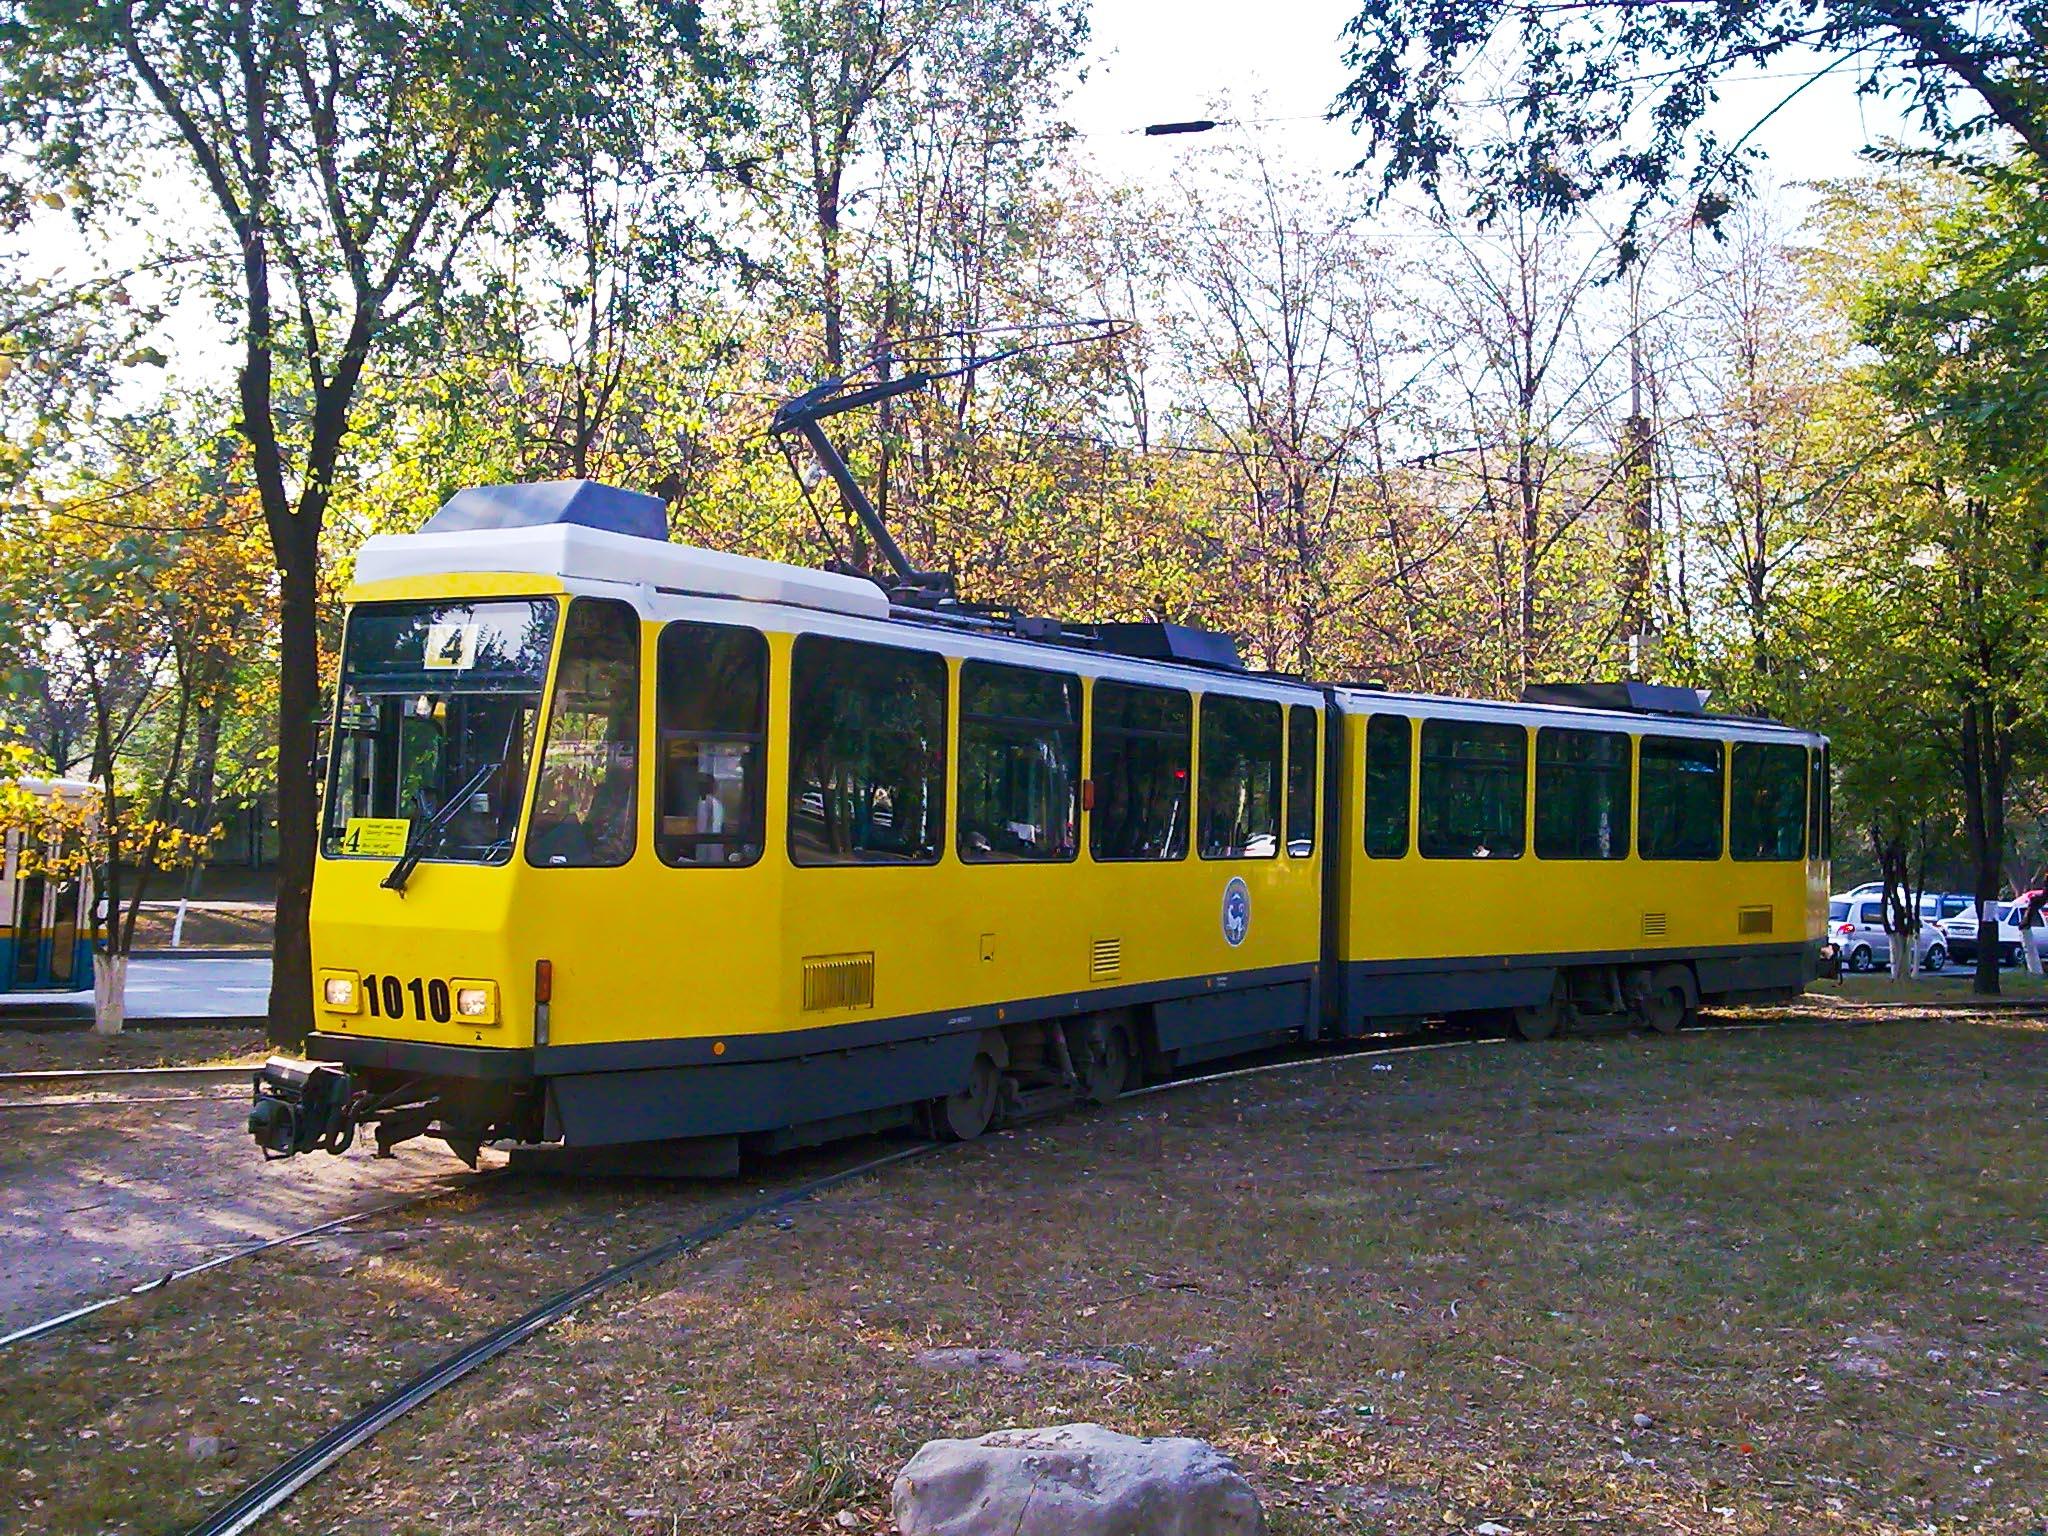 KT4DtM byl poslednítyp tramvaje, který se v almatských ulicích objevoval. (foto: Wikipedia)